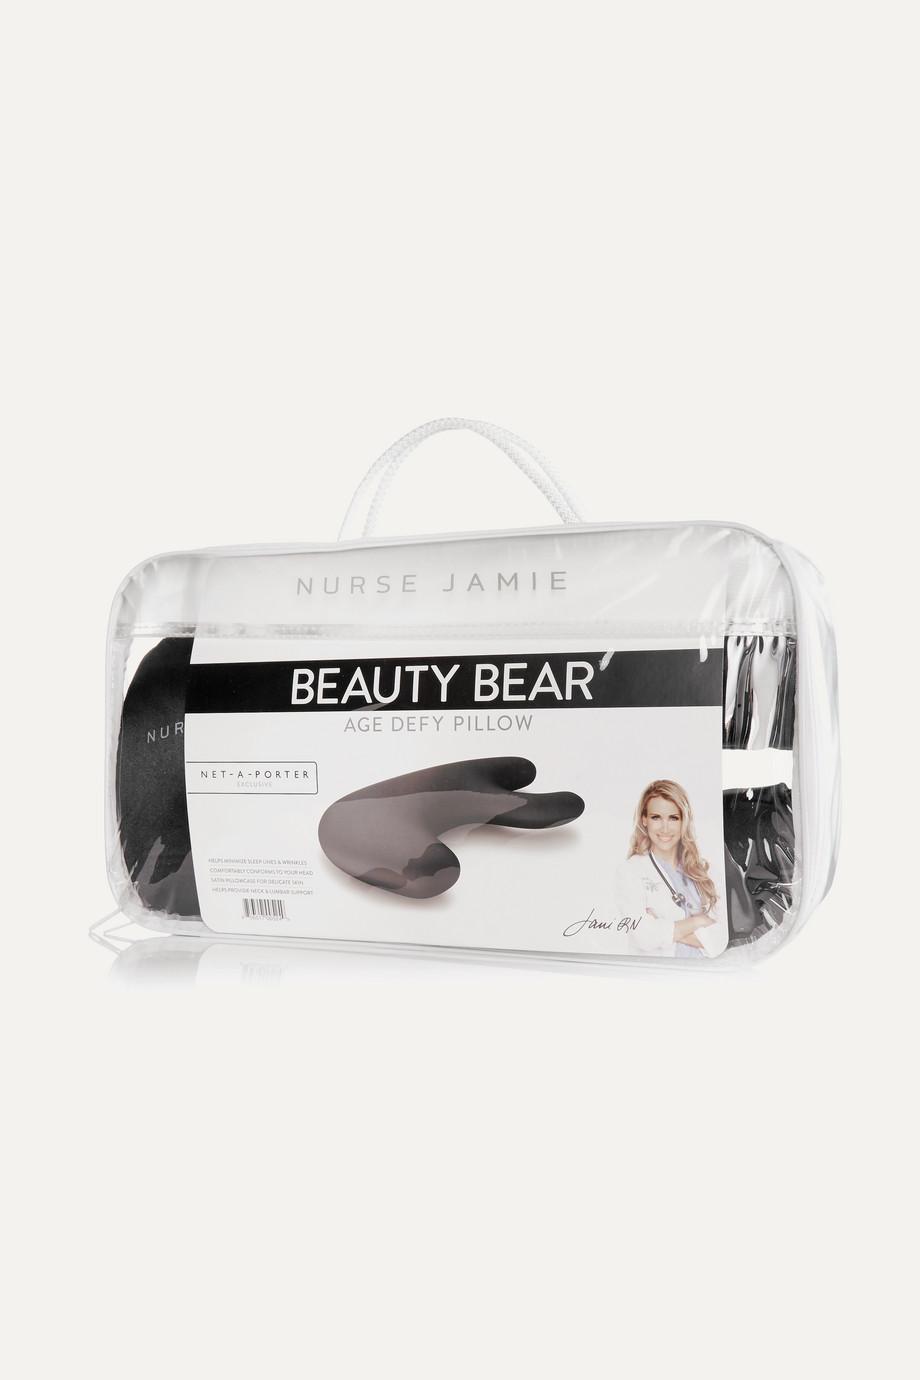 Nurse Jamie Beauty Bear™ Age Defy Pillow